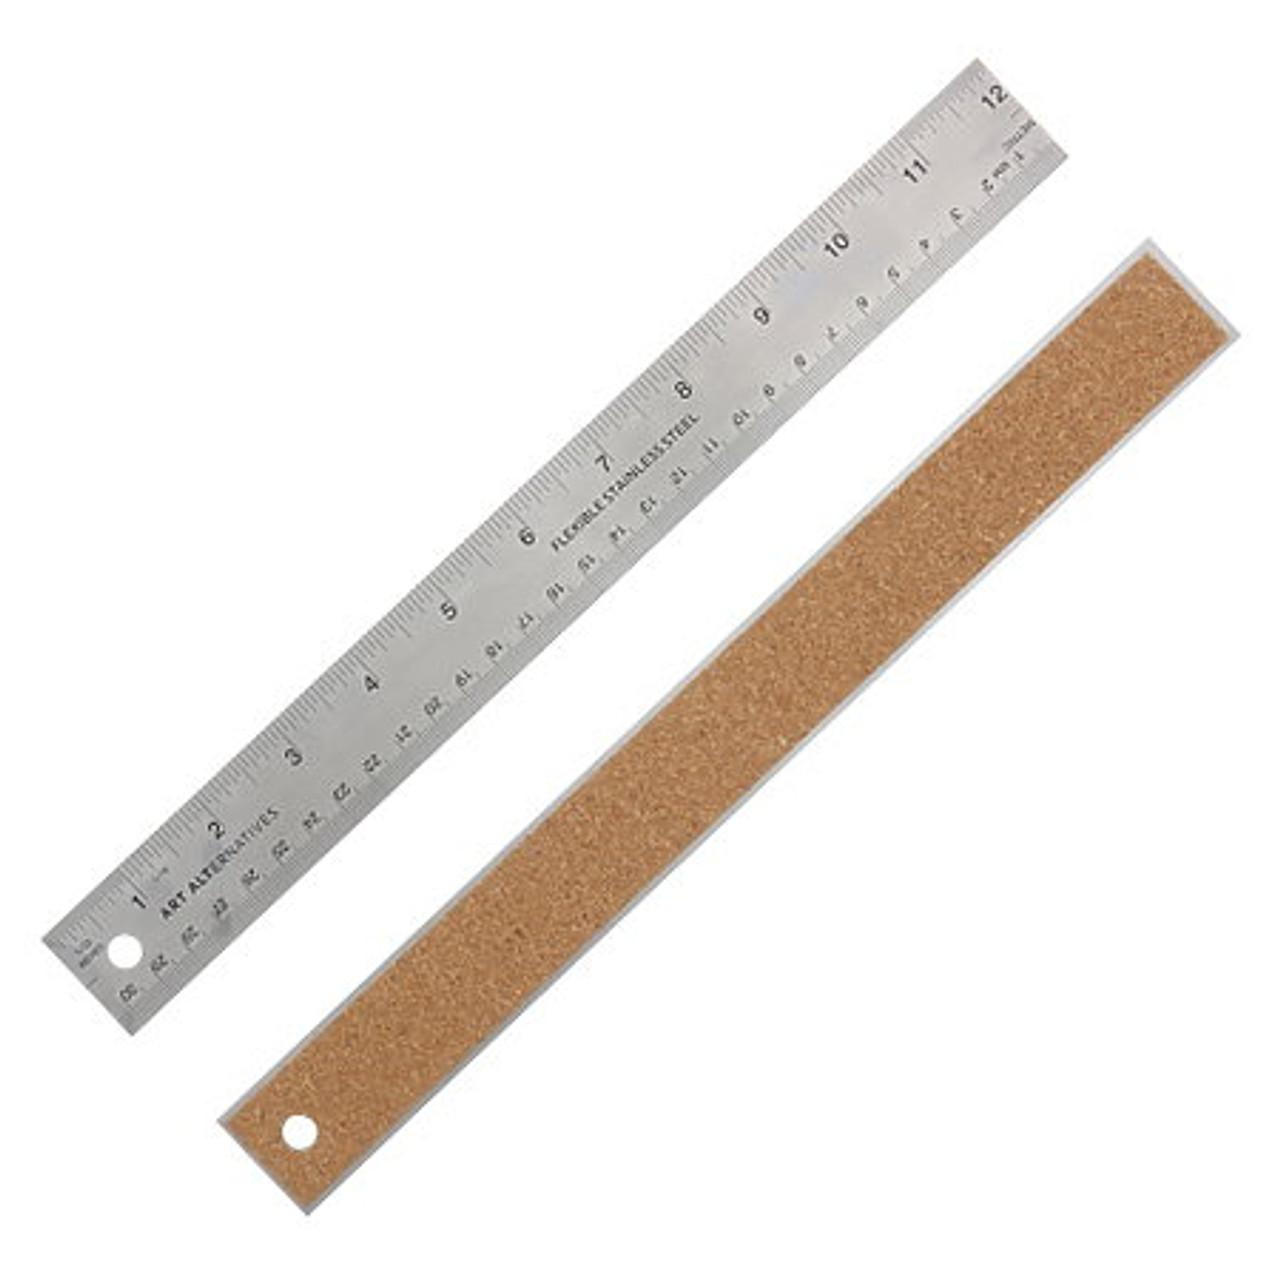 Flexible Stainless Steel Ruler